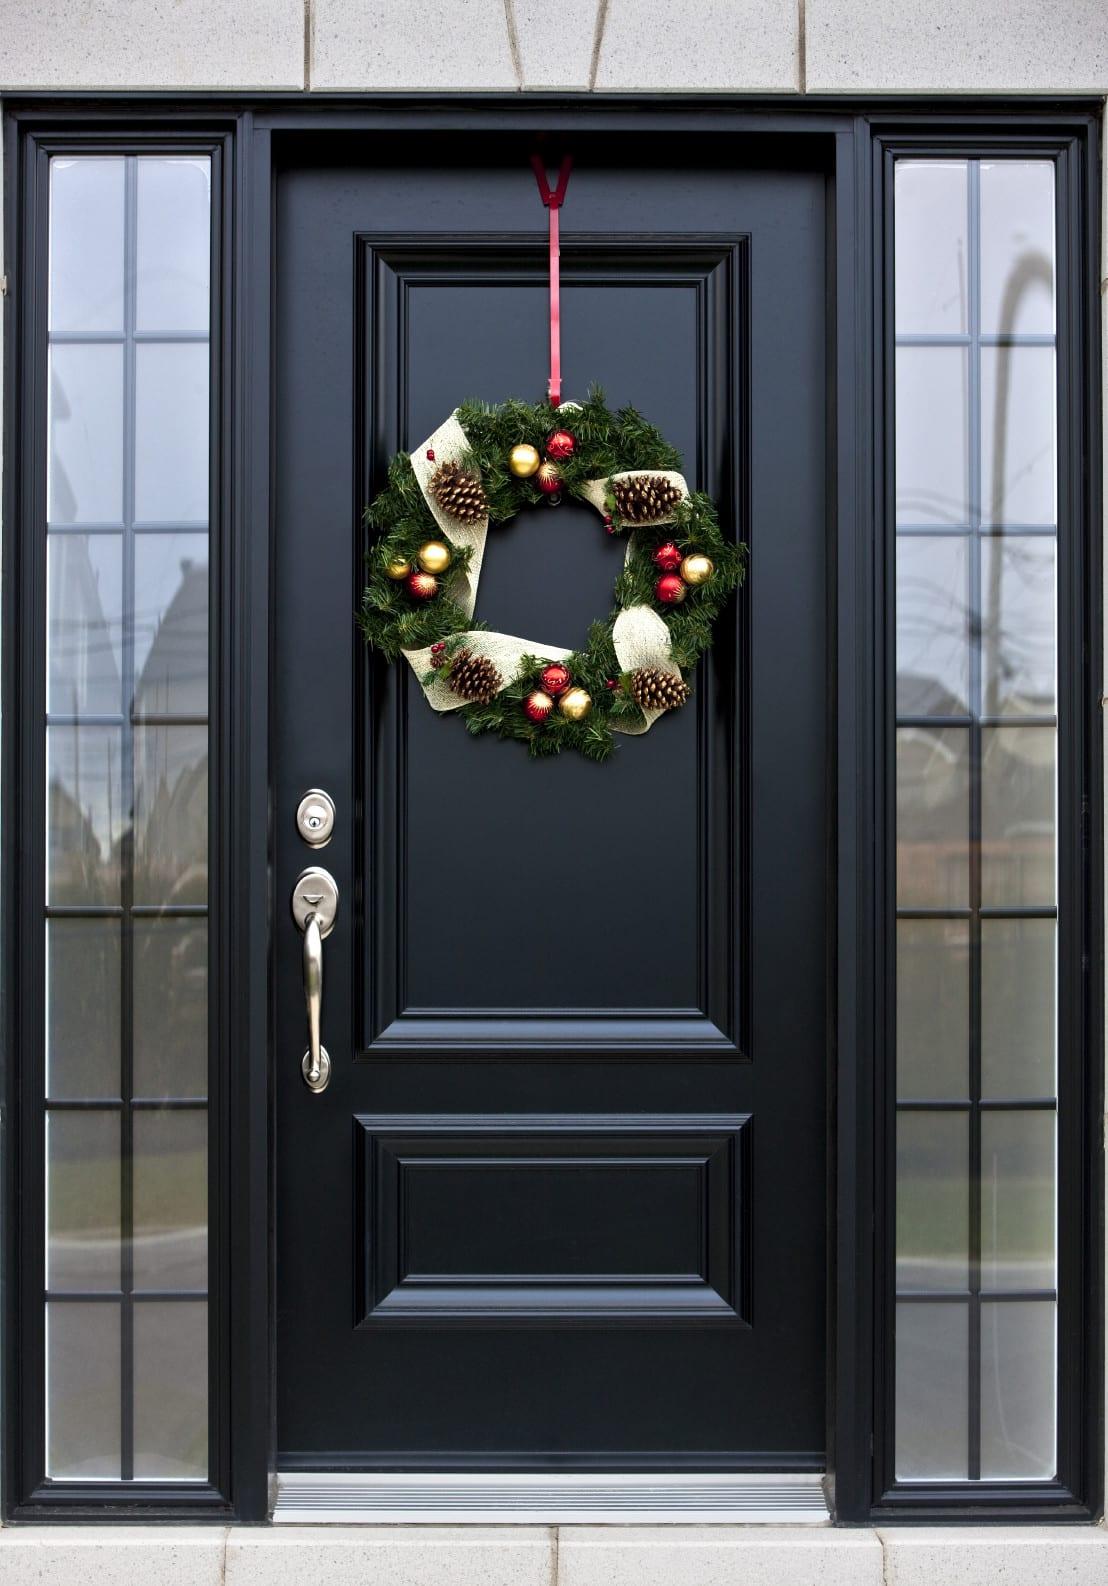 haust ren mit stil auch zur weihnachtszeit ein blickfang. Black Bedroom Furniture Sets. Home Design Ideas